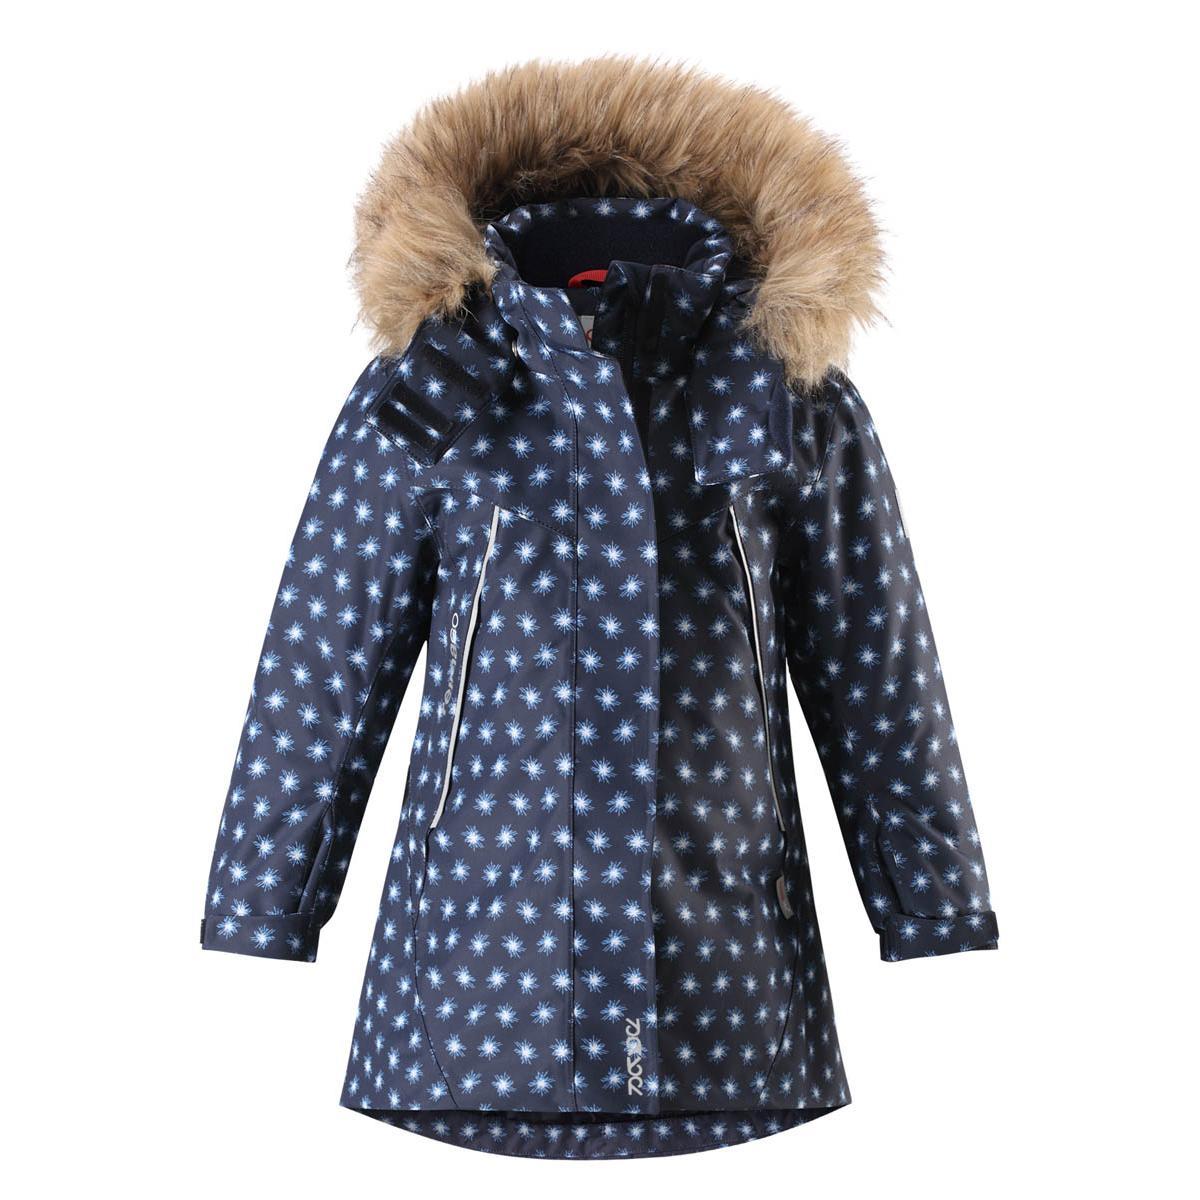 Купить Куртка горнолыжная Reima 2017-18 Muhvi Navy, Детская одежда, 1351660